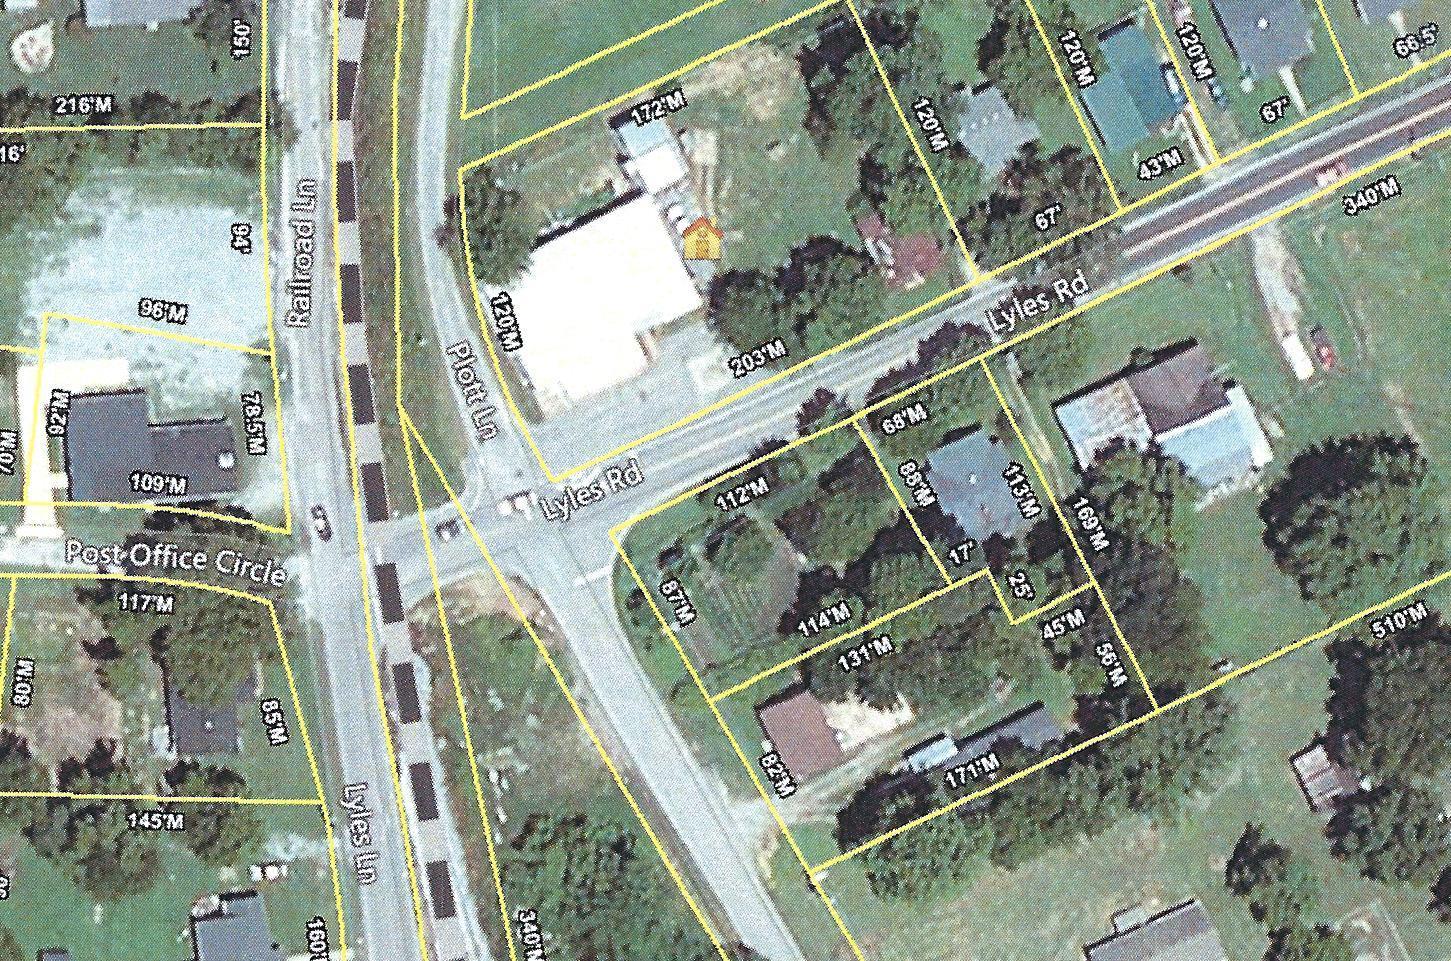 8996 Lyles Rd, Lyles, TN 37098